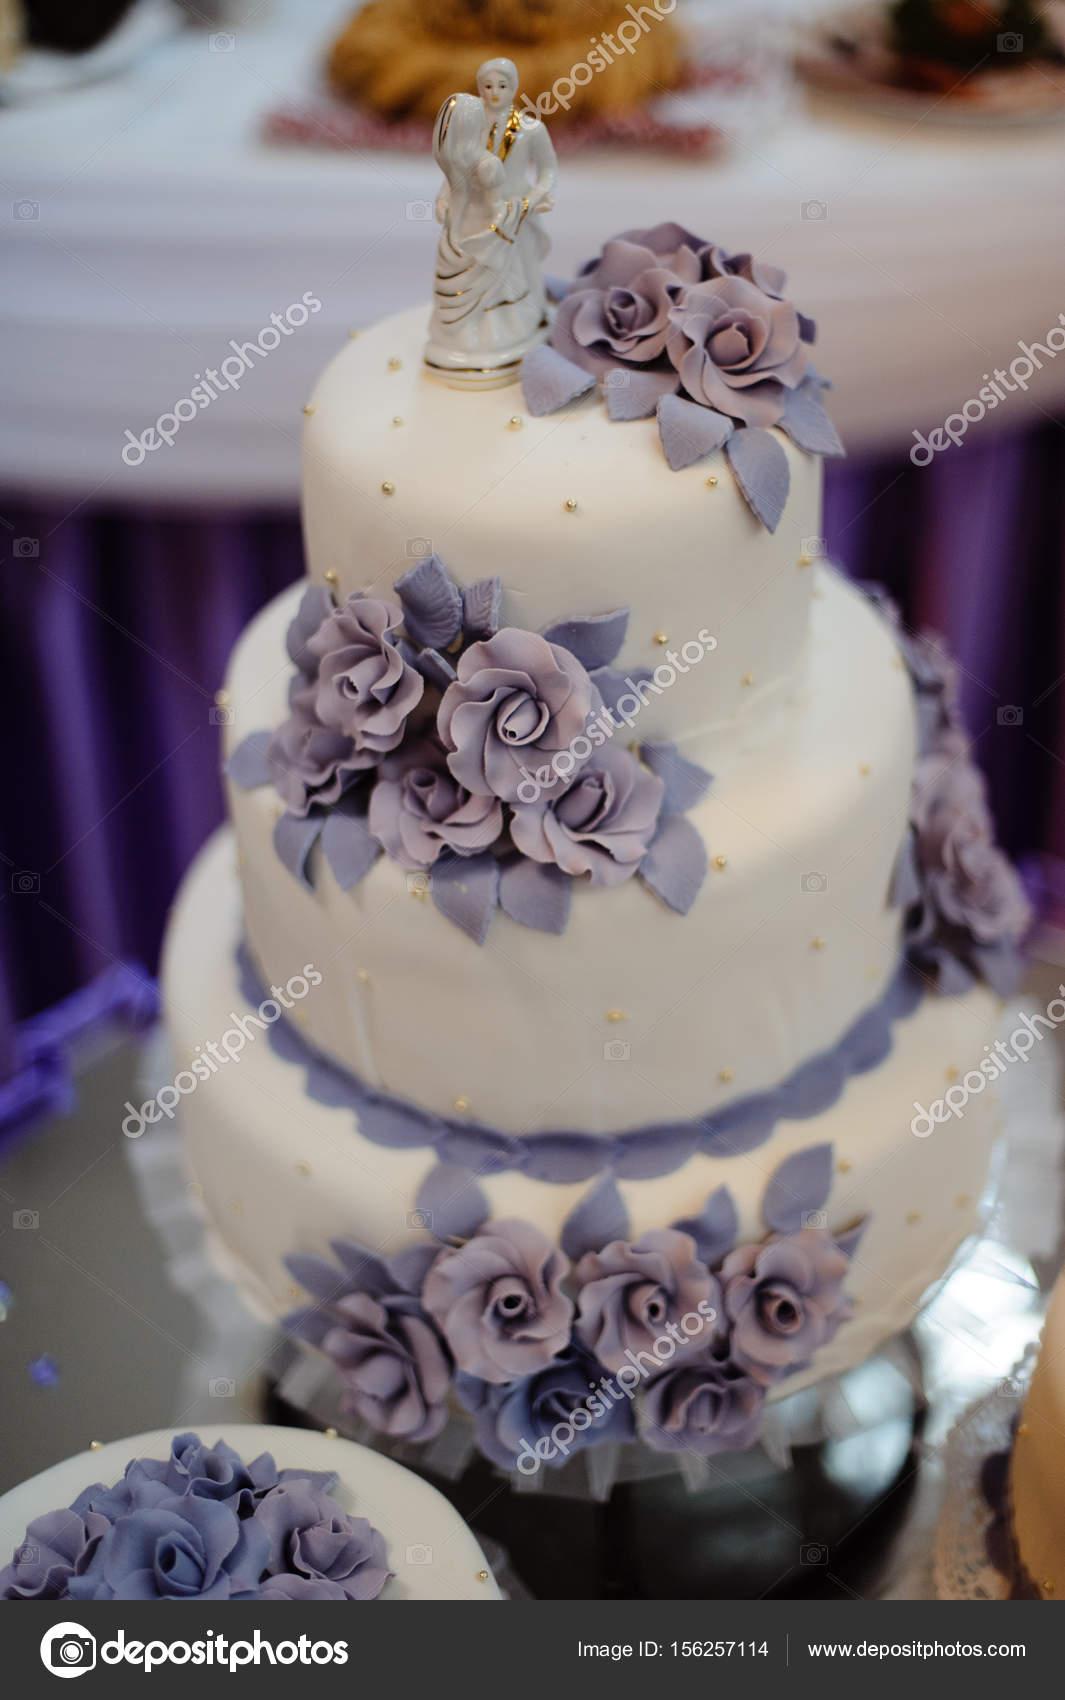 Elegant Hochzeitstorte Lila Ideen Von Wunderschöne Mit Blüten — Stockfoto